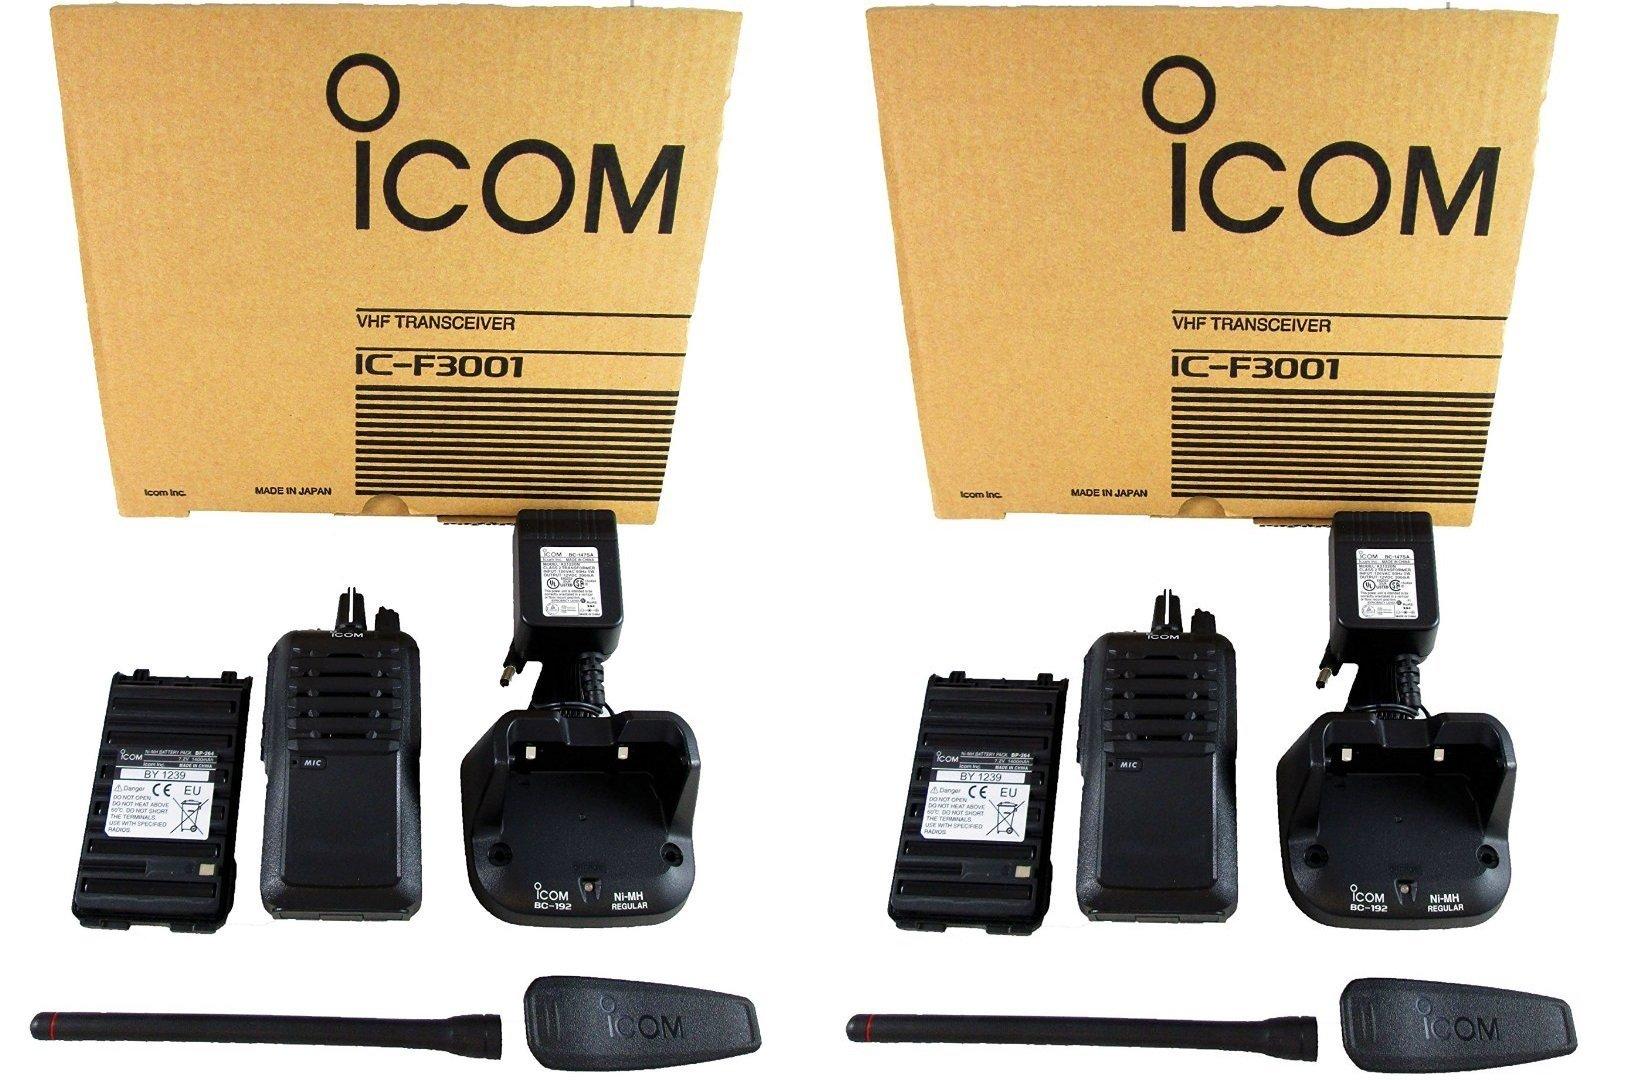 QTY 2 Icom IC-F3001 03 RC VHF 136-174MHz 5W 16 CHANNELS Two Way Radio